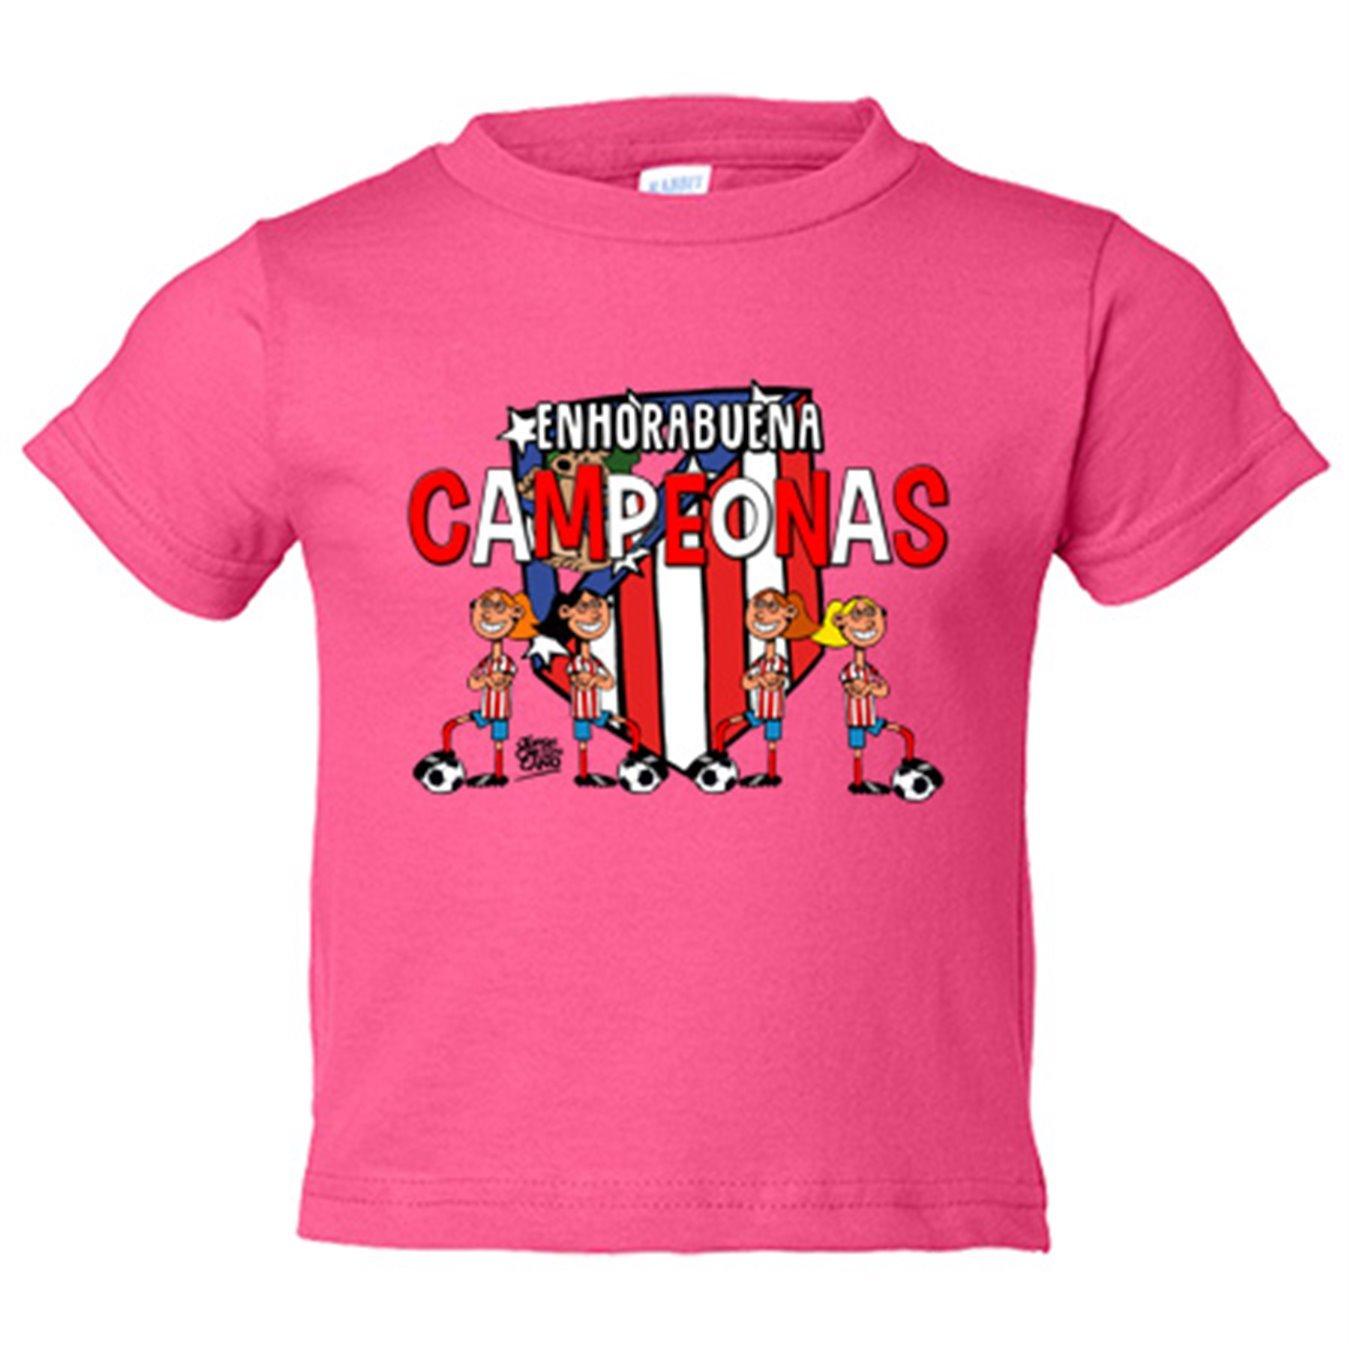 Camiseta niño Atlético de Madrid Féminas campeonas fútbol femenino - Amarillo, 3-4 años: Amazon.es: Bebé